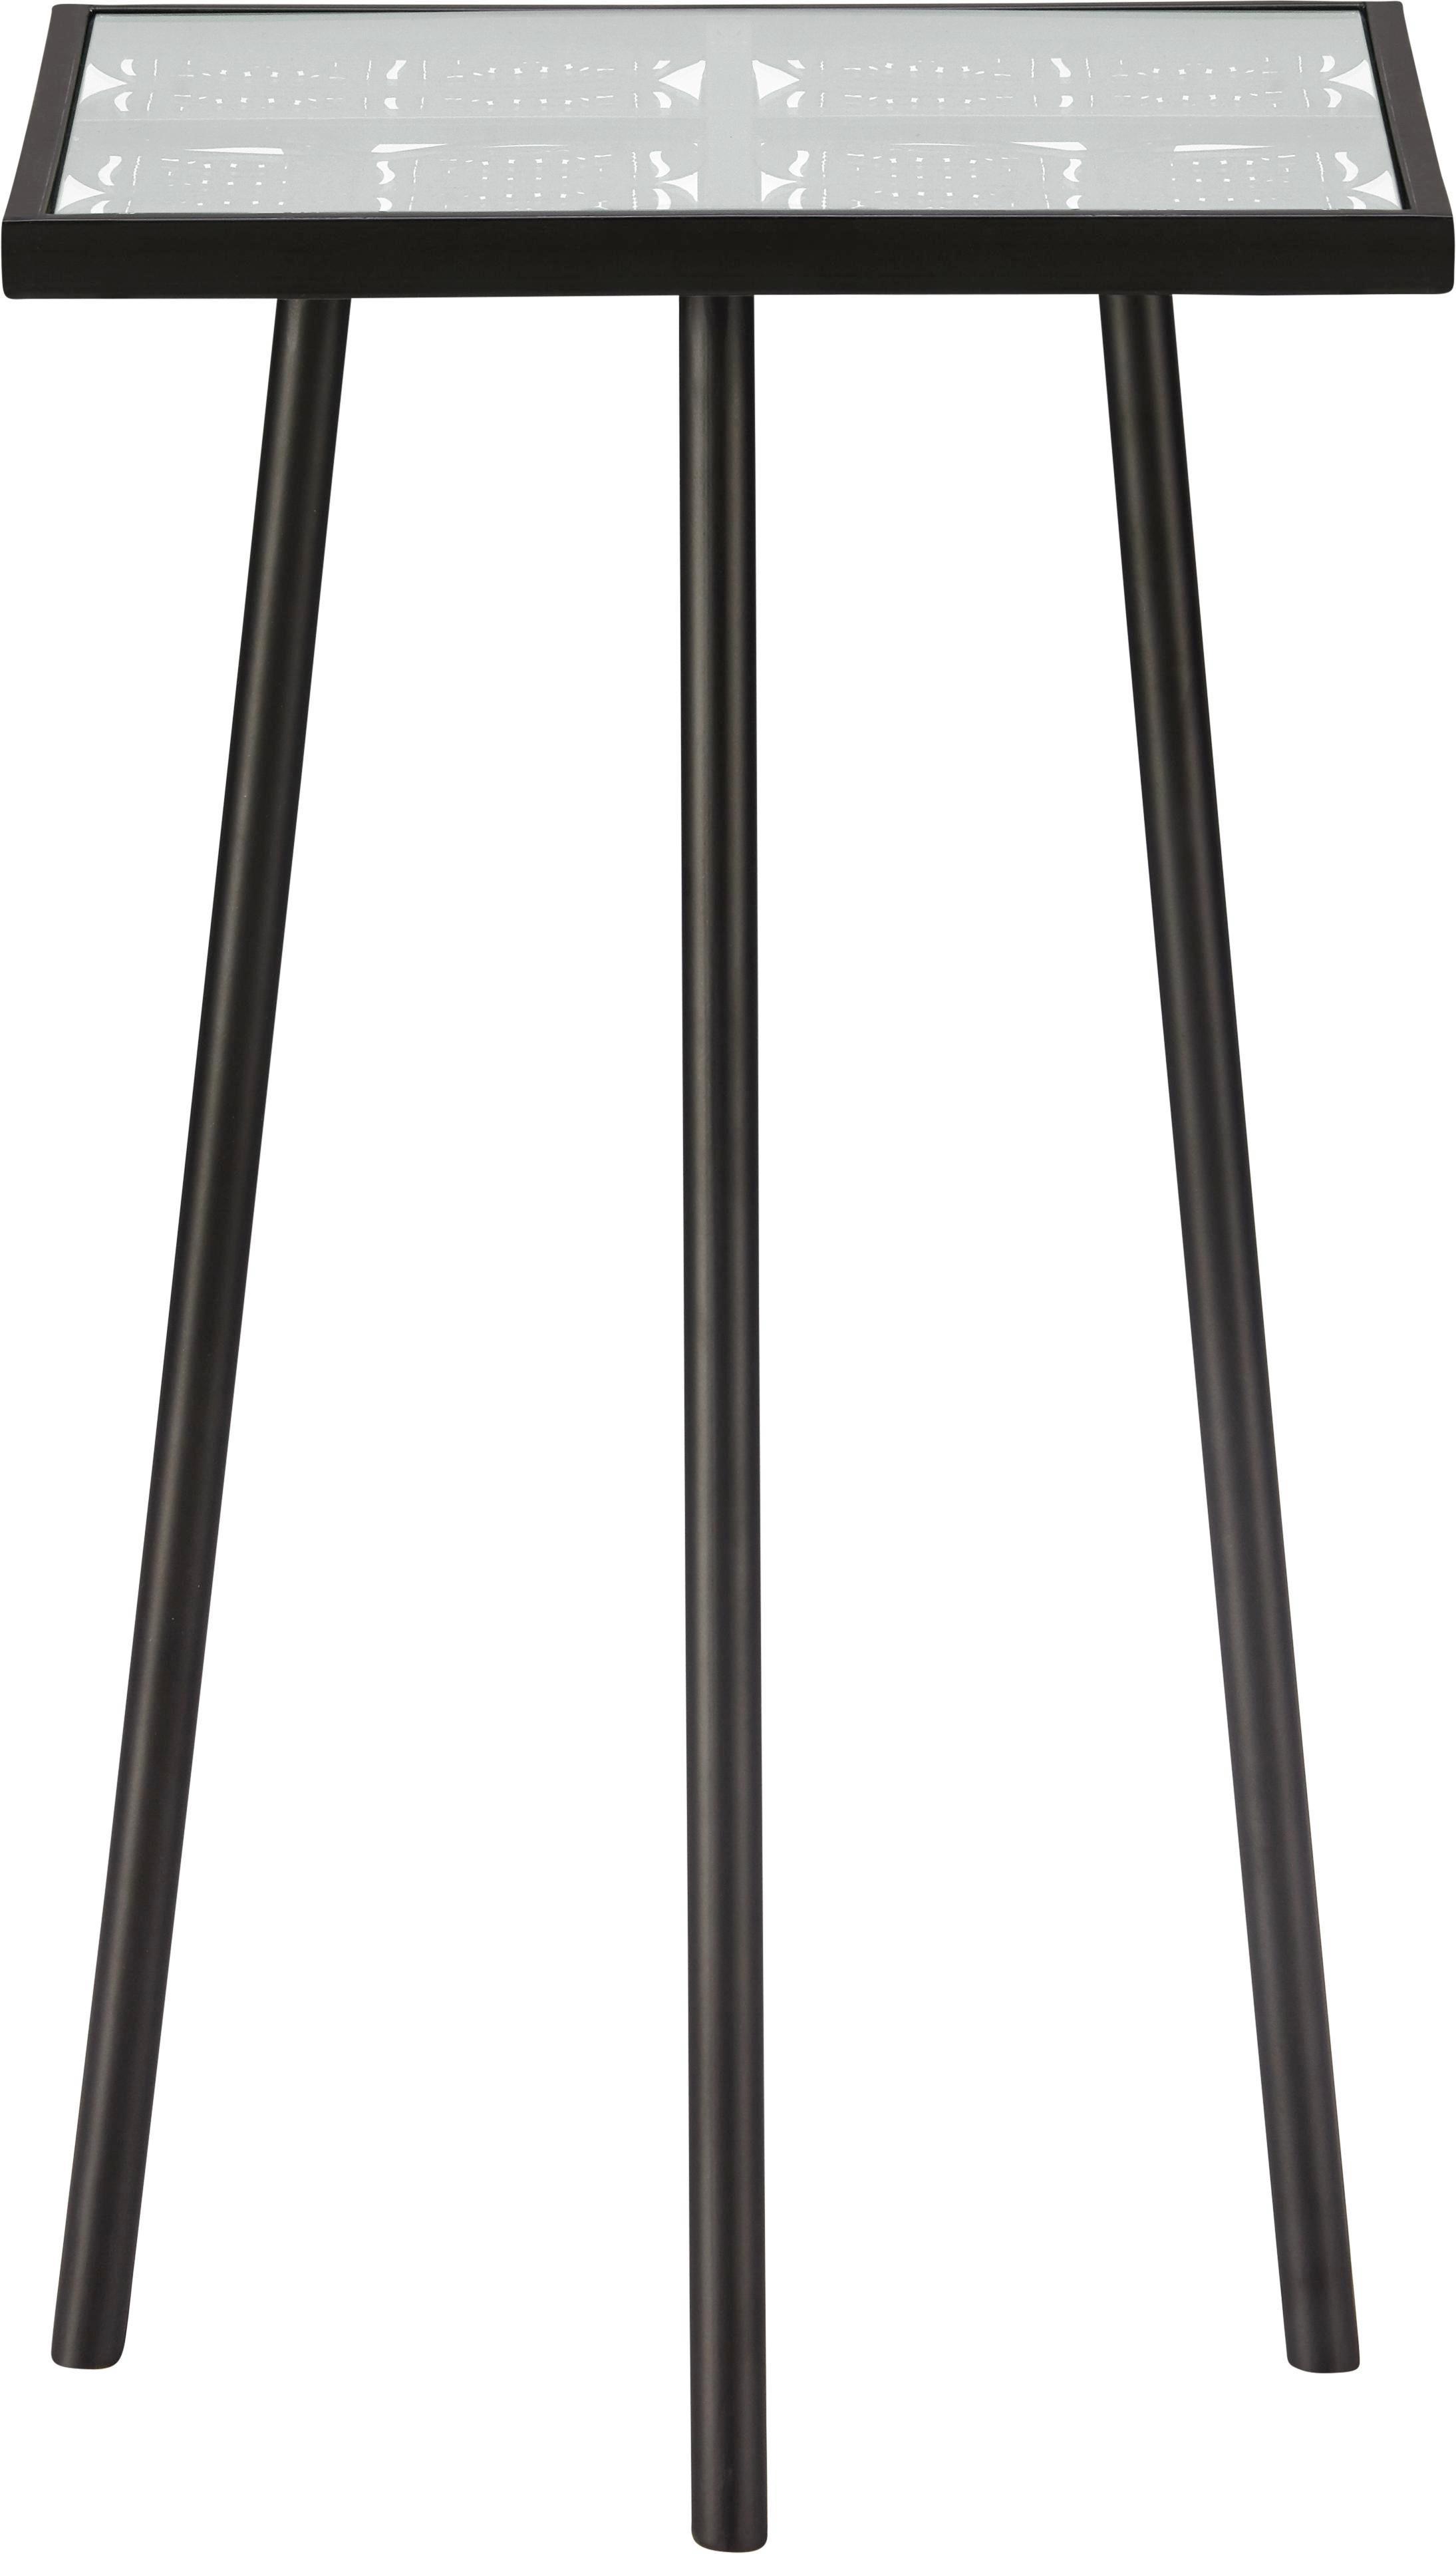 Beistelltisch in Schwarz mit Glas - Schwarz, Glas/Metall (35,5/60/35,5cm) - MÖMAX modern living